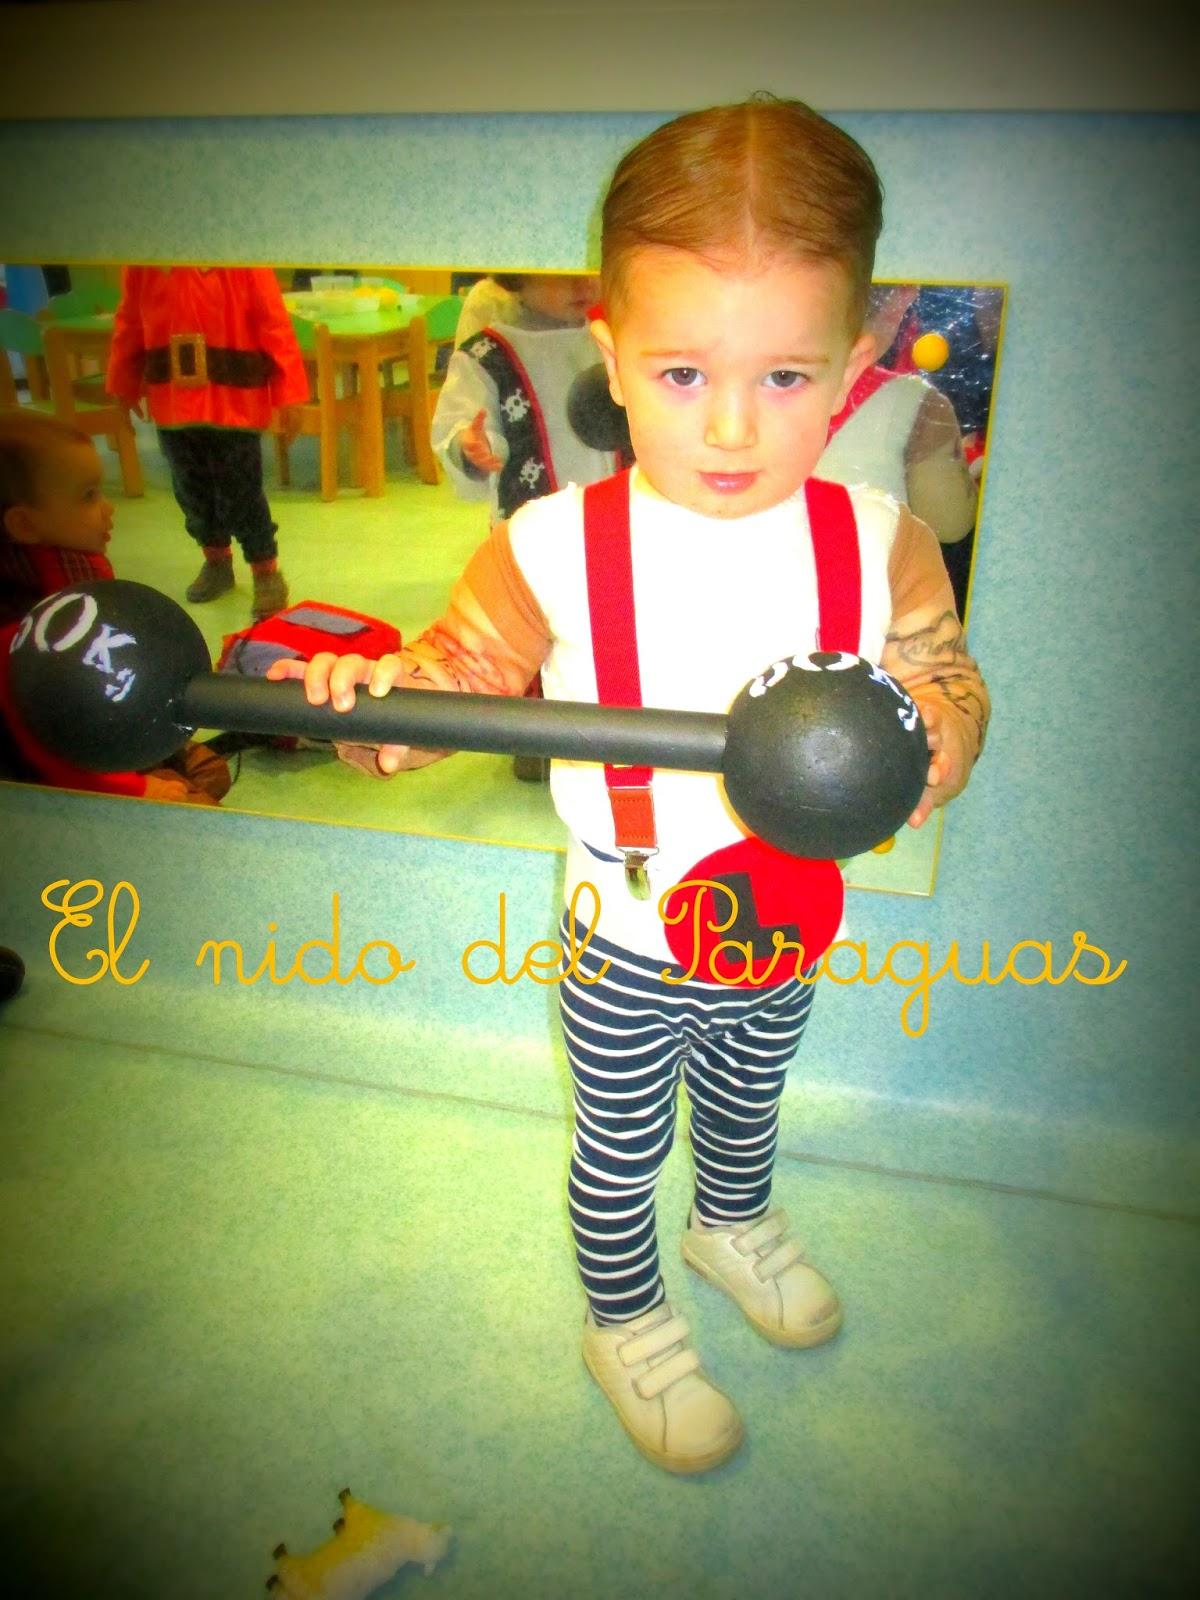 Clown Costume Diy Carnaval Pinterest Pallaso Casero Y Resultado De